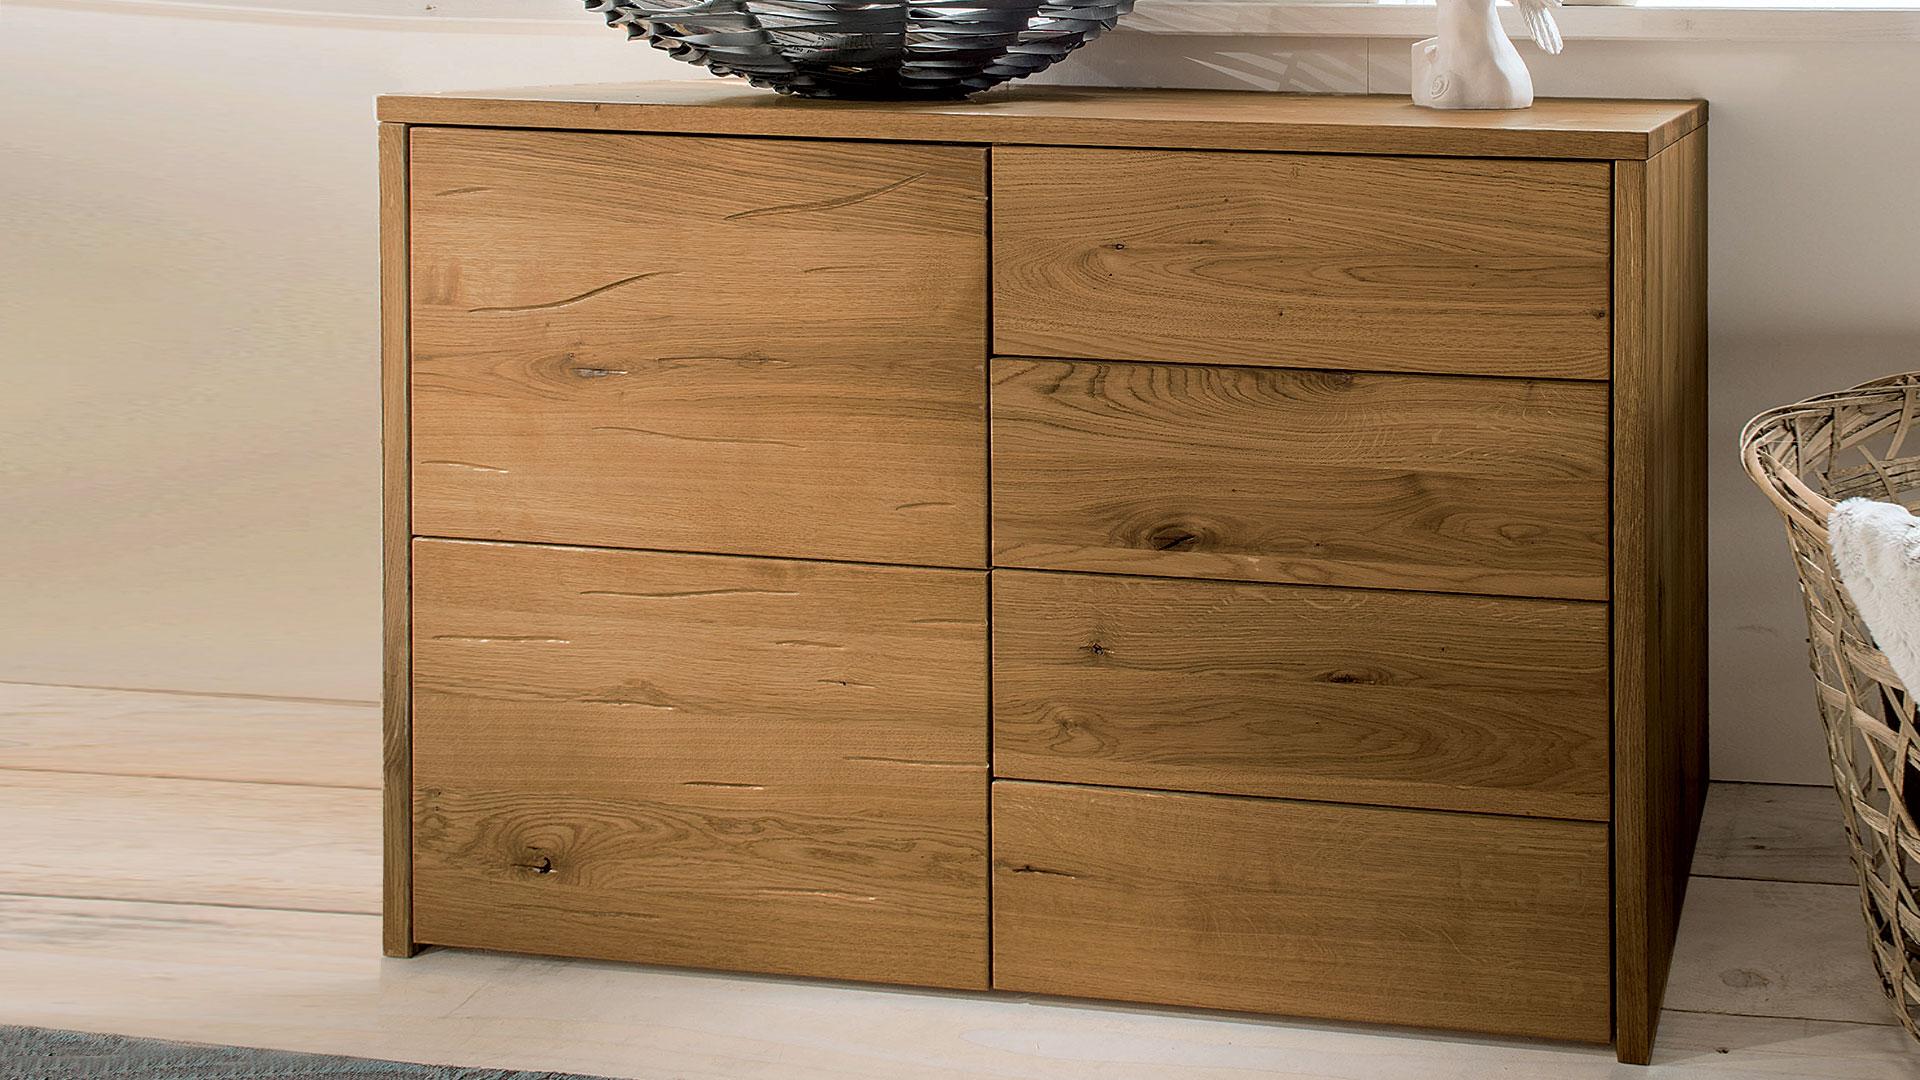 kommode selva massiv eiche. Black Bedroom Furniture Sets. Home Design Ideas